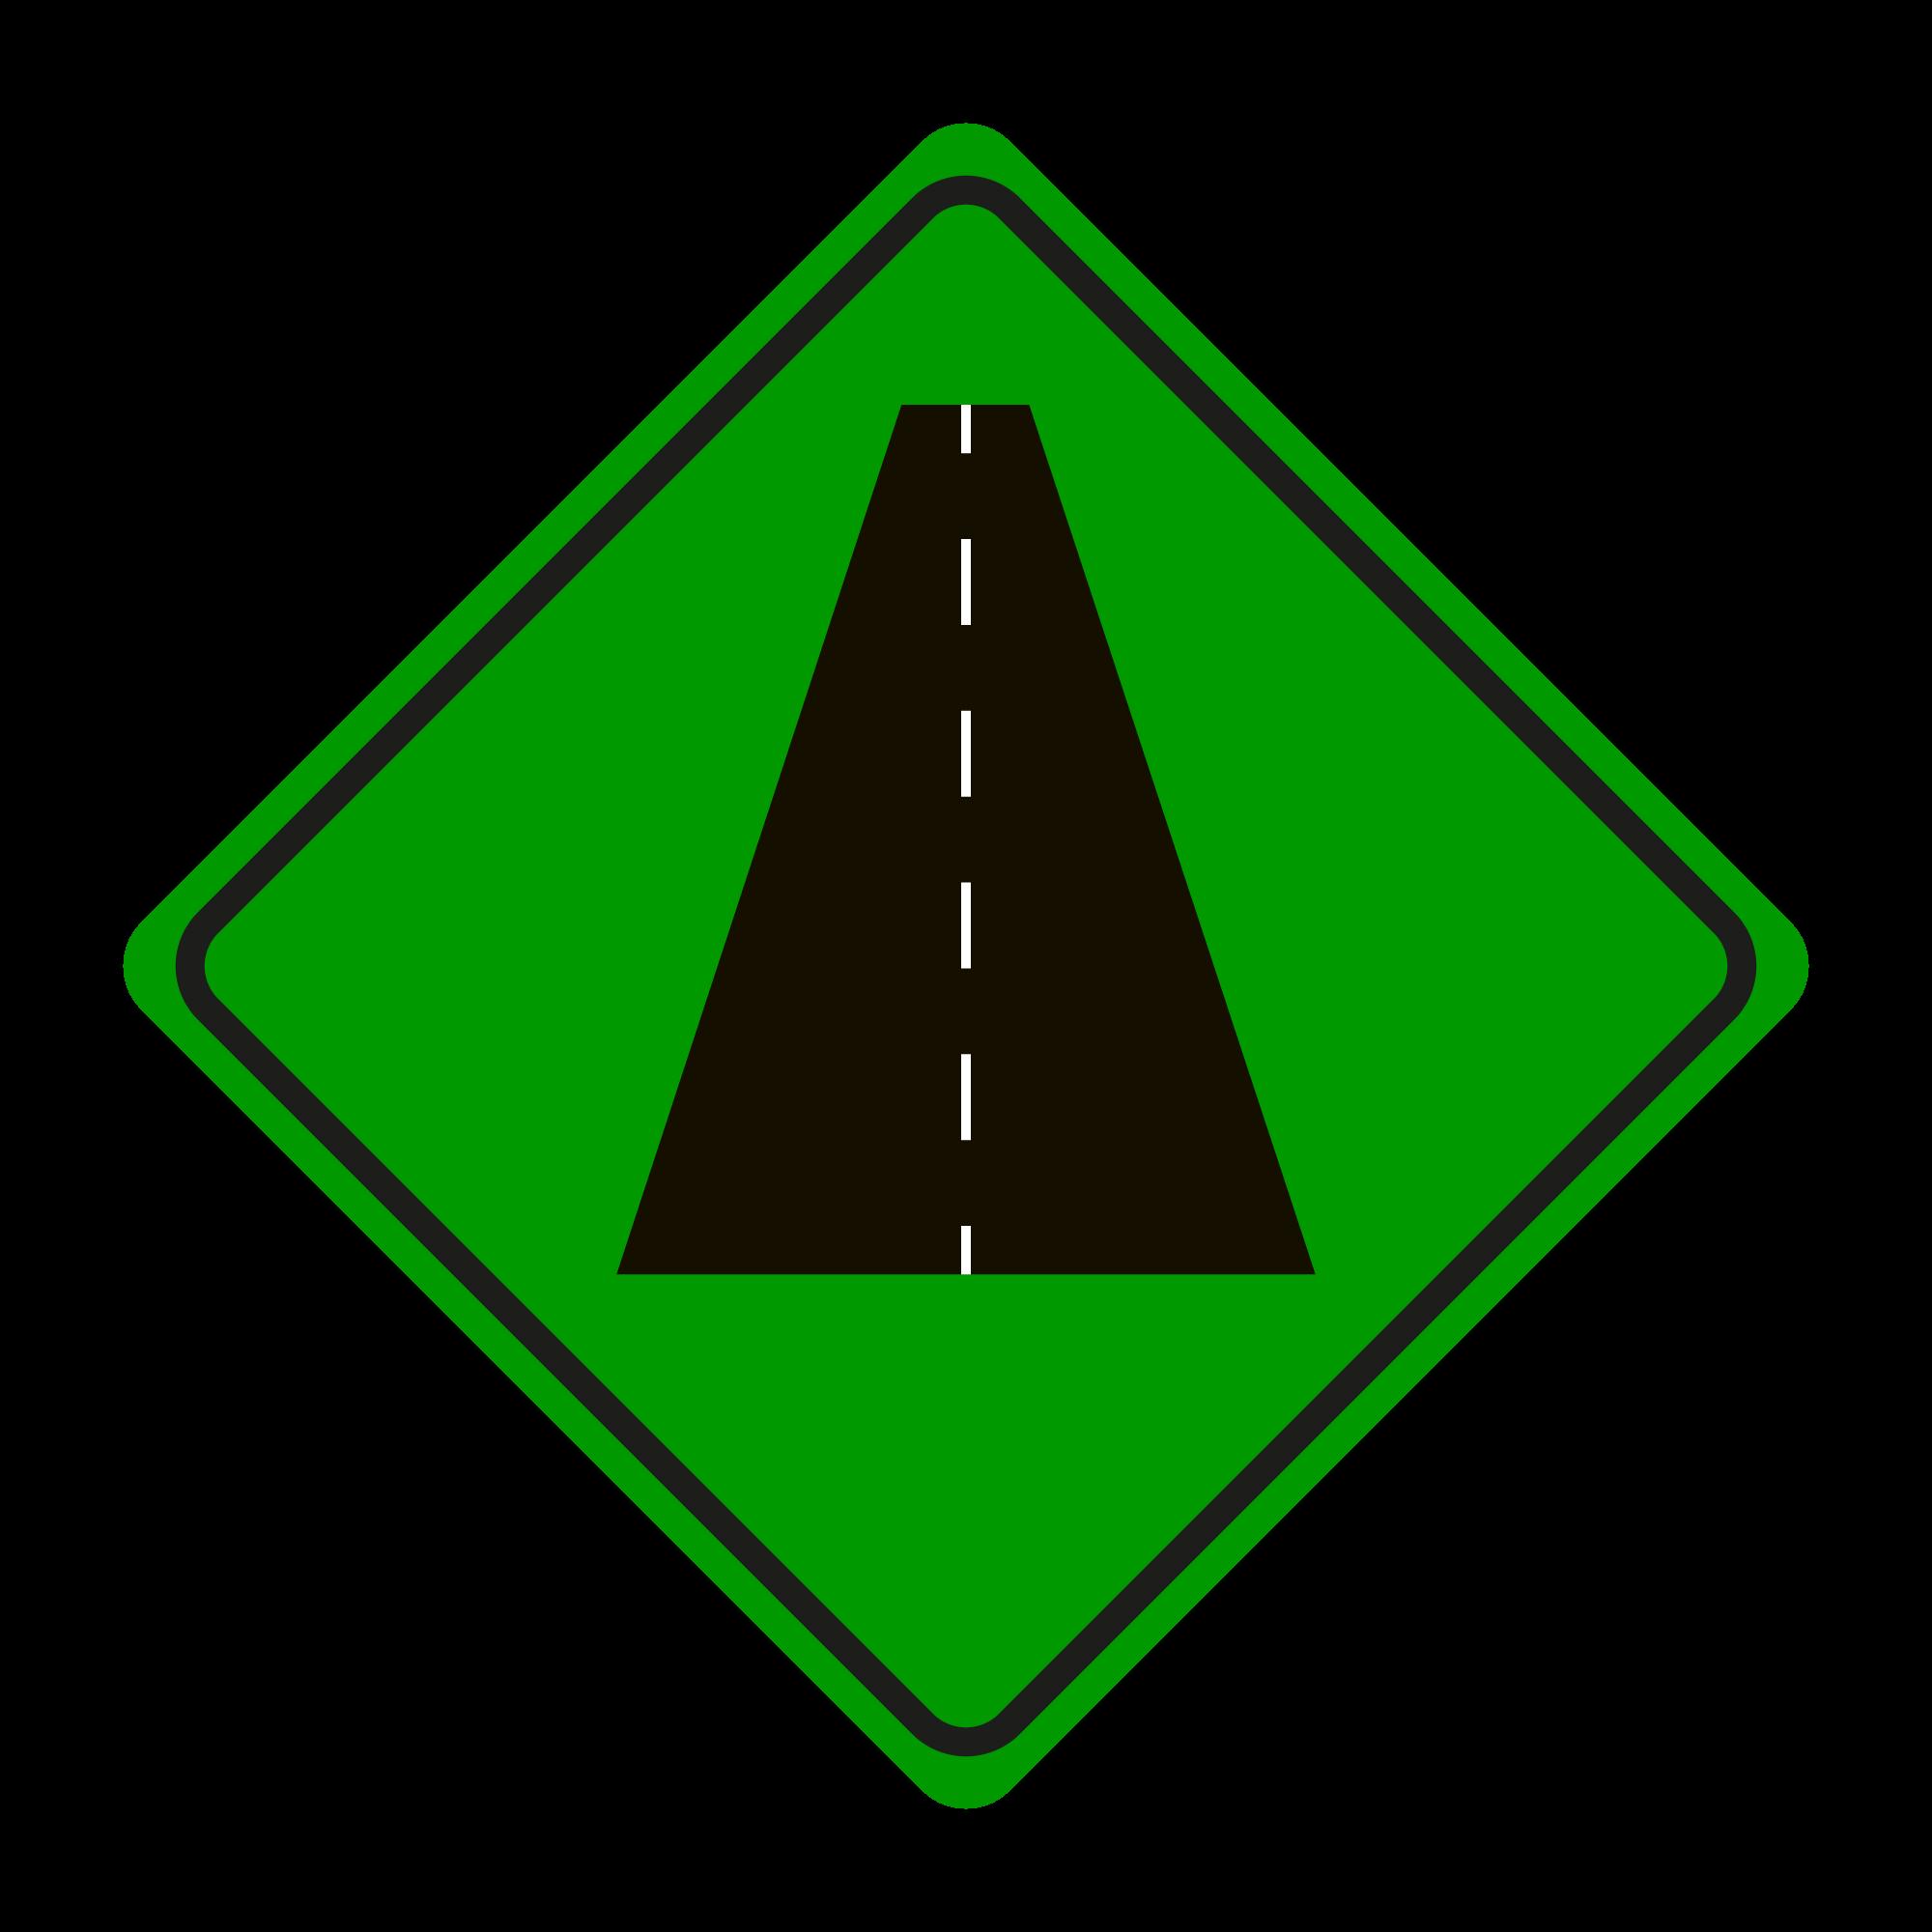 VERDE - Compuesto de alto rendimiento en carretera asfaltada